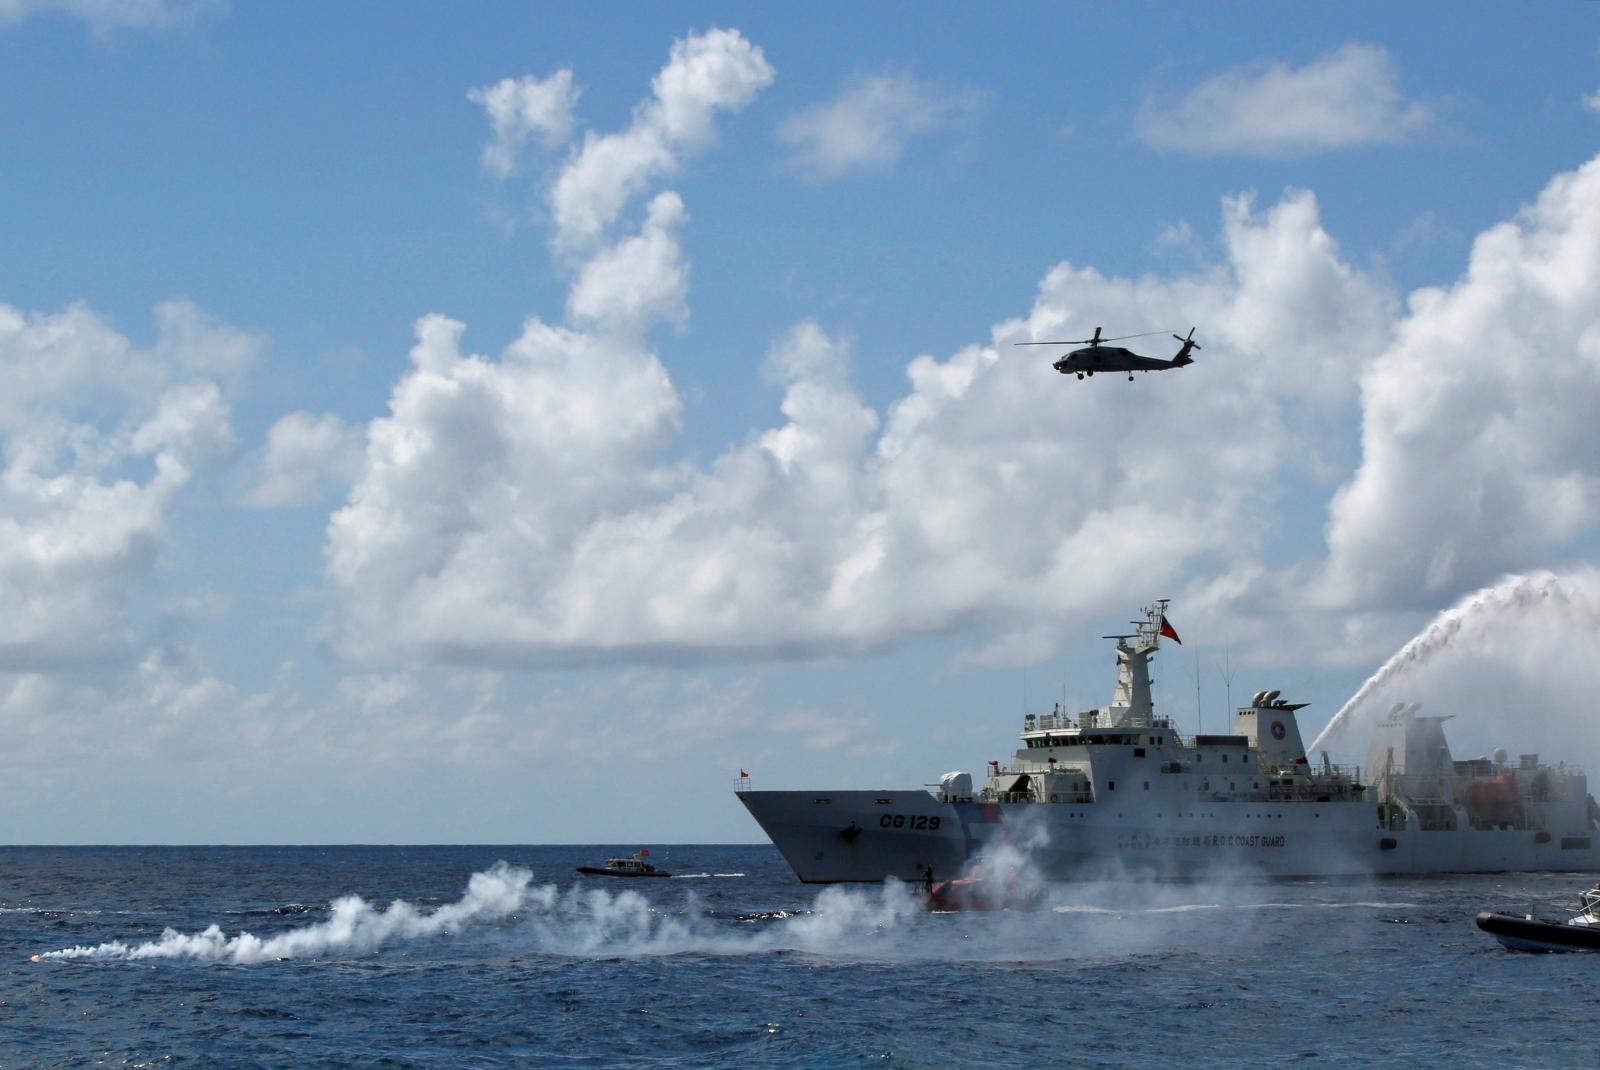 Taiwan coast guard ship